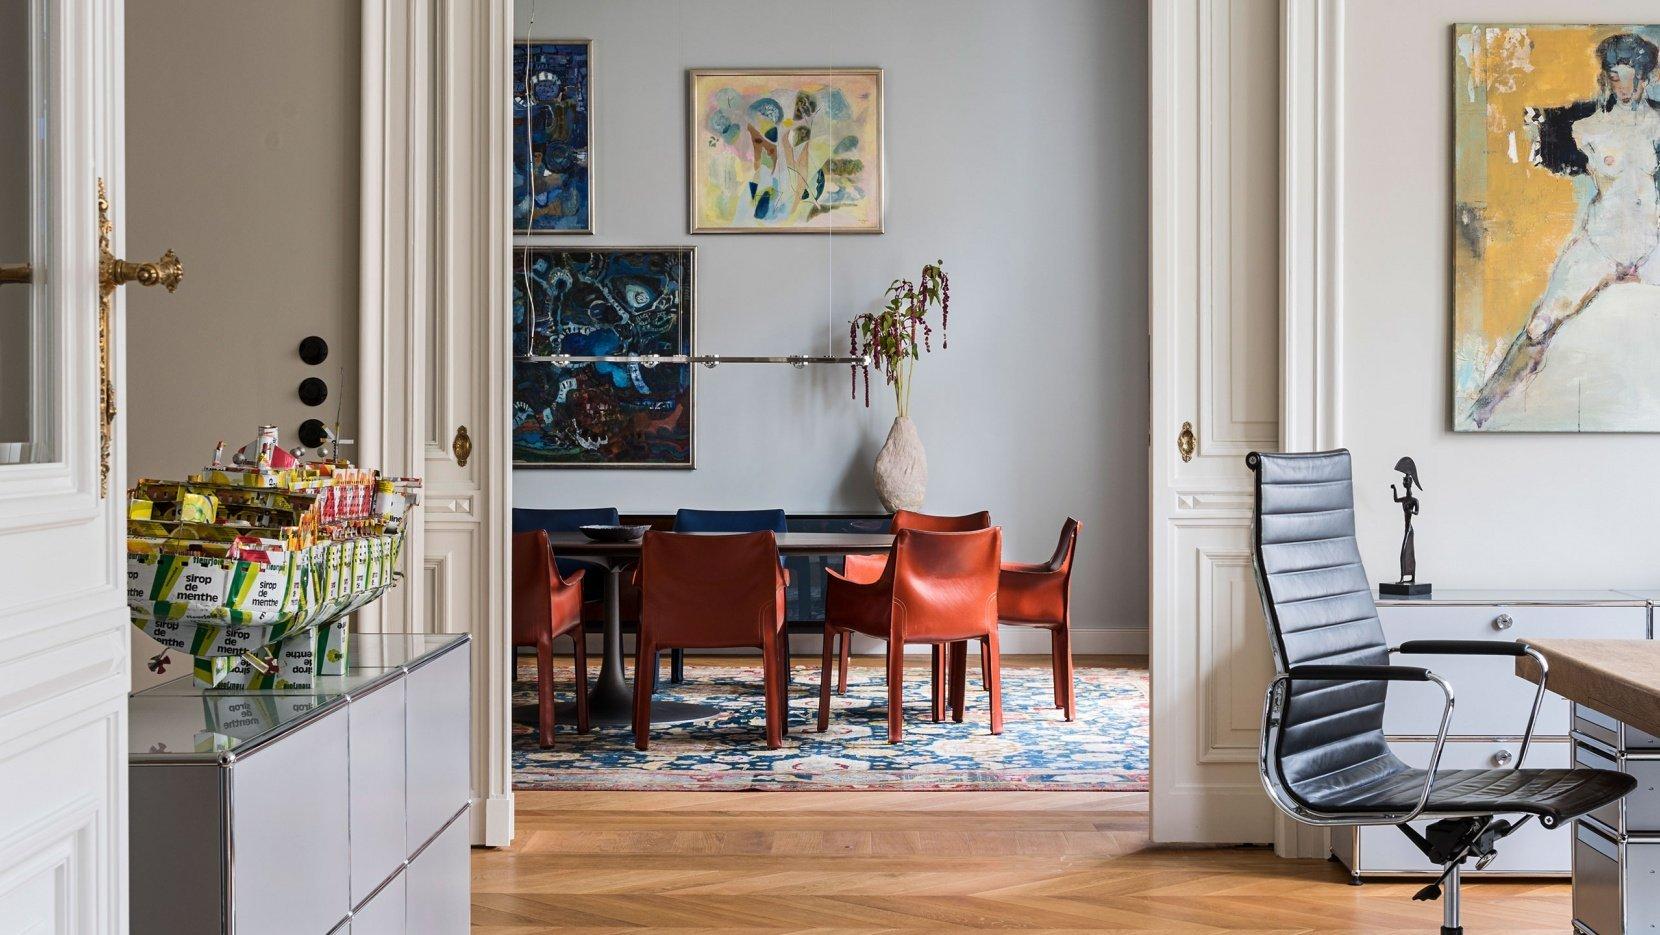 柏林,Berliner Zimmer艺术之家,无缝连接过去与现在(设计公司